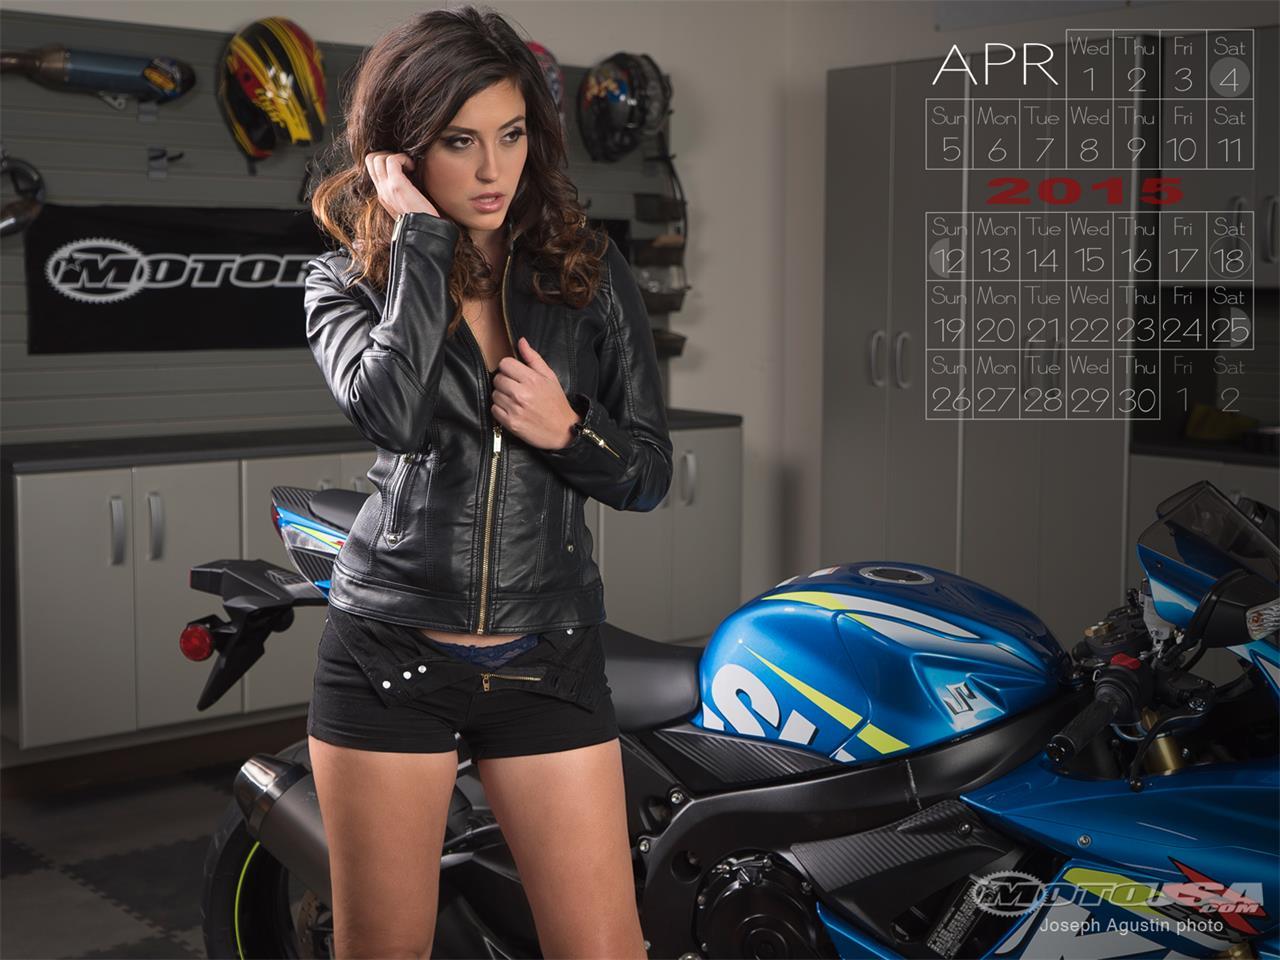 Calendar Girl Wallpaper Hd : Motocross pin up girl wallpapers wallpapersafari